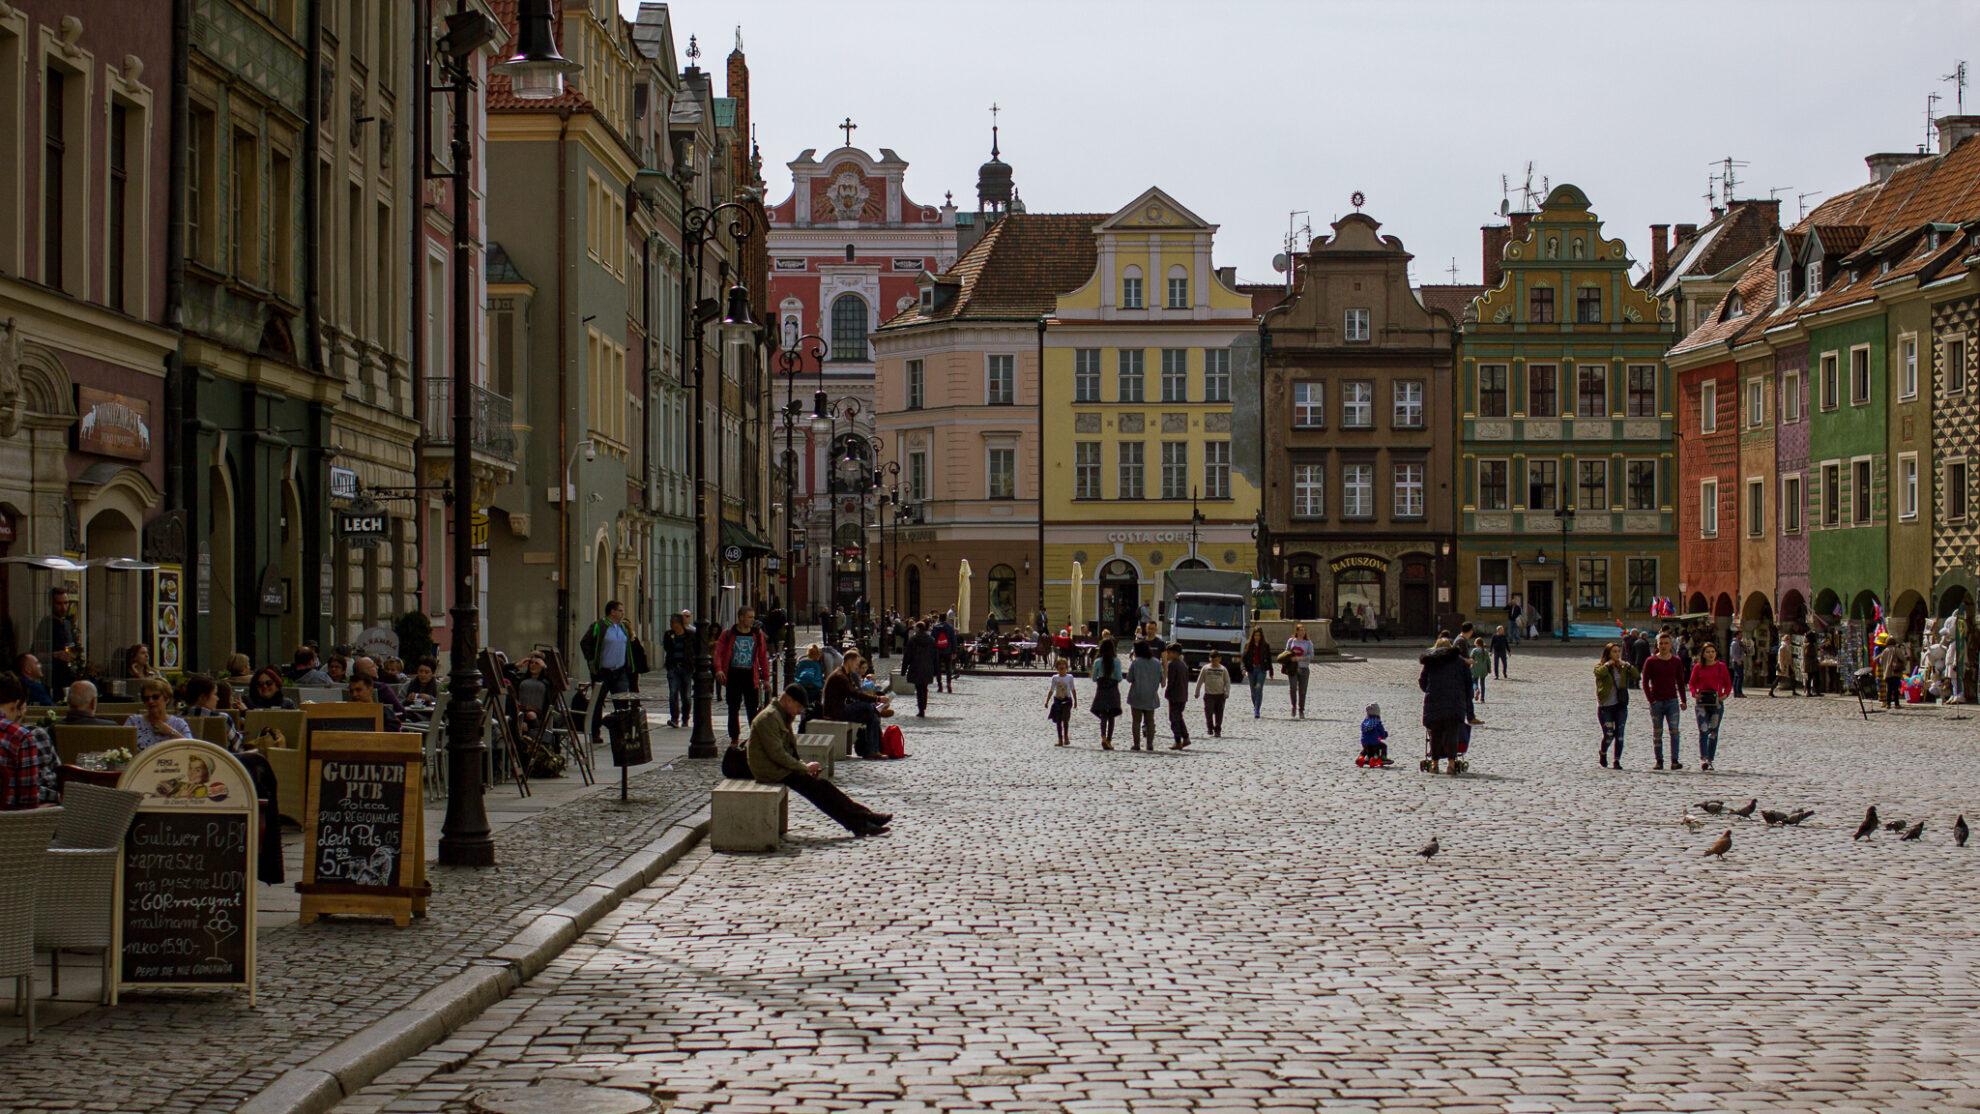 Blick auf den gepflasterten Marktplatz von Posen, rechts und links gesäumt von bunten, historischen Gebäuden.